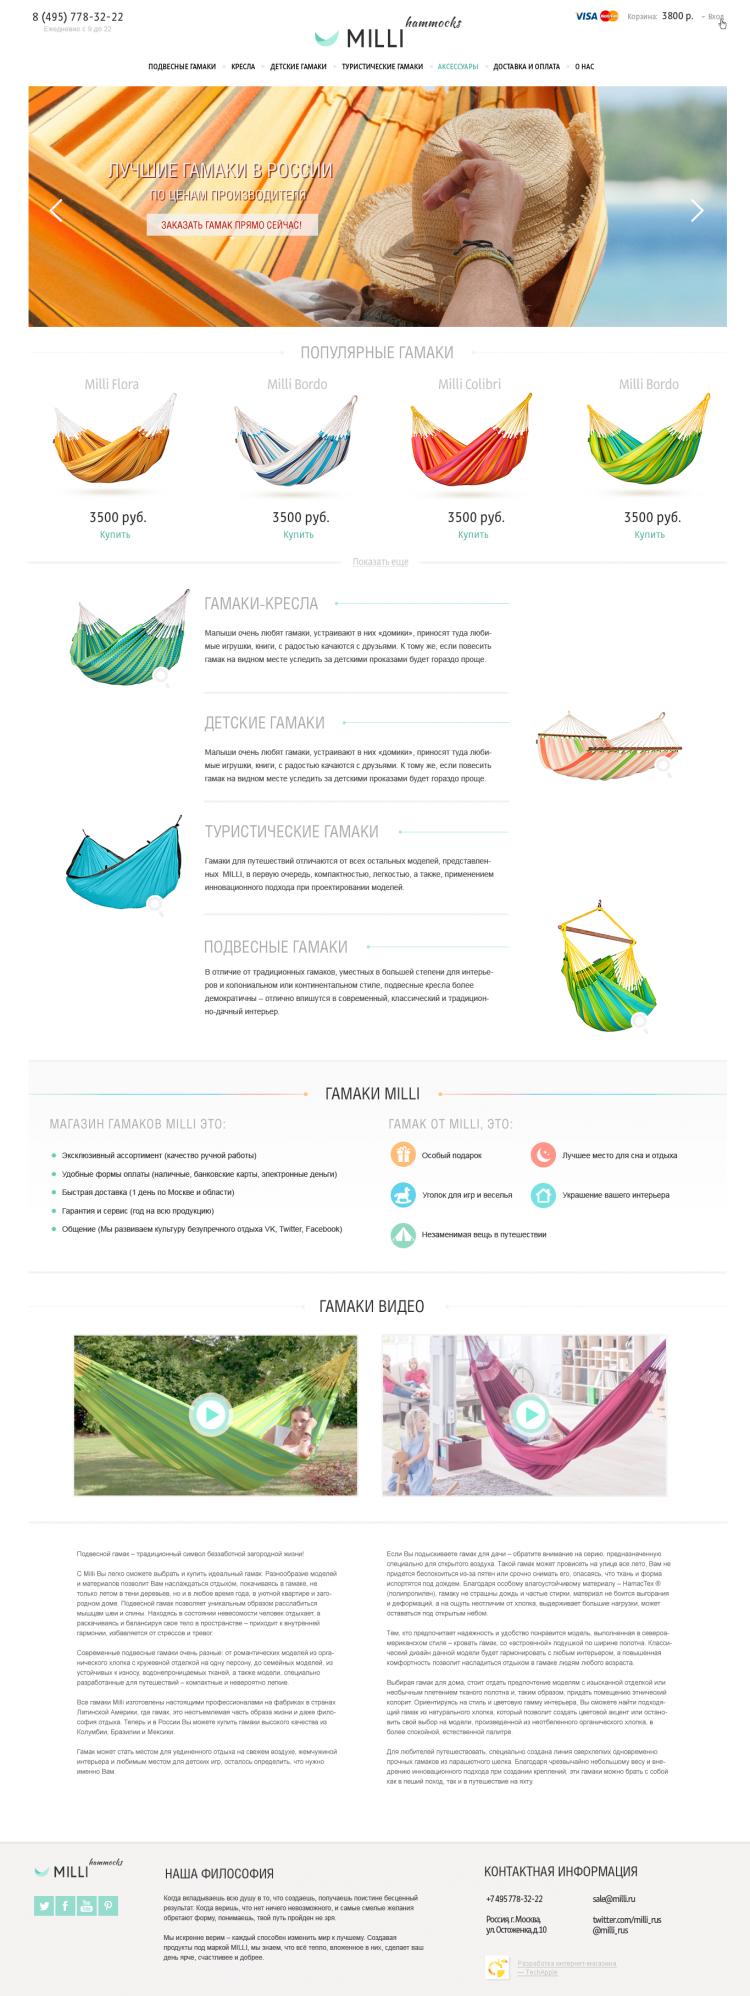 Milli.ru — интернет-магазин удобных гамаков